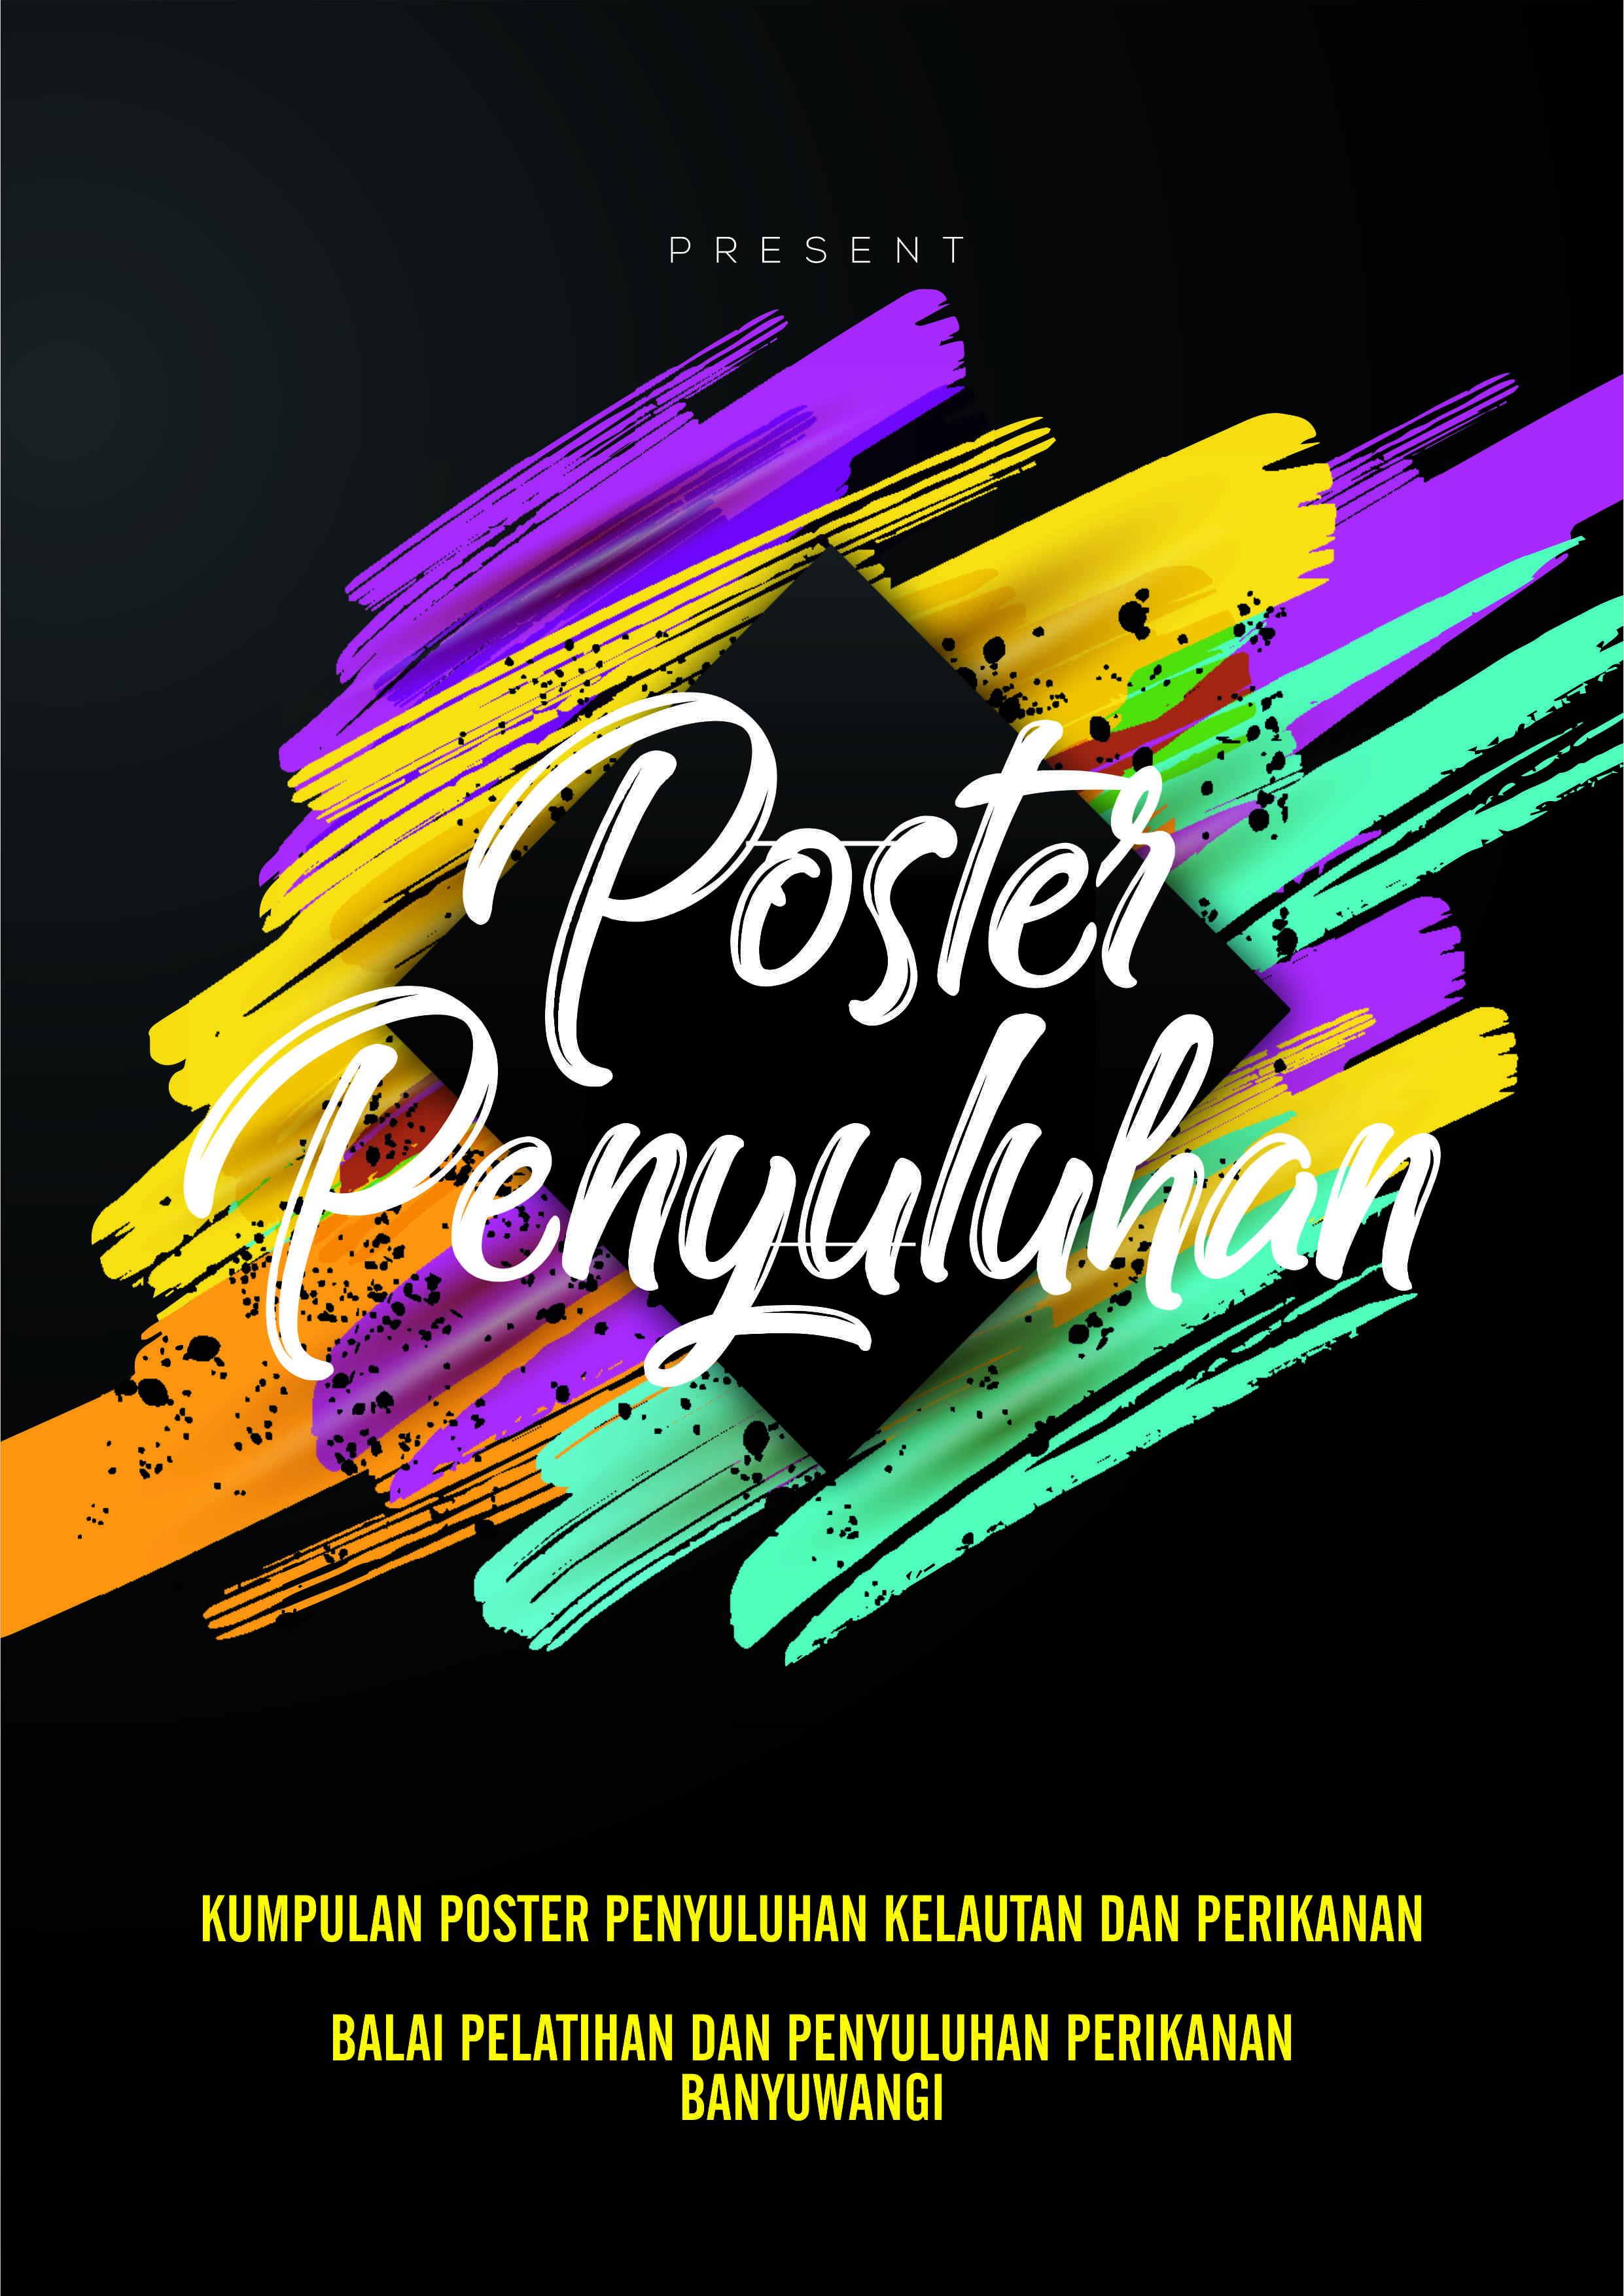 poster_penyuluhan_cover.jpg